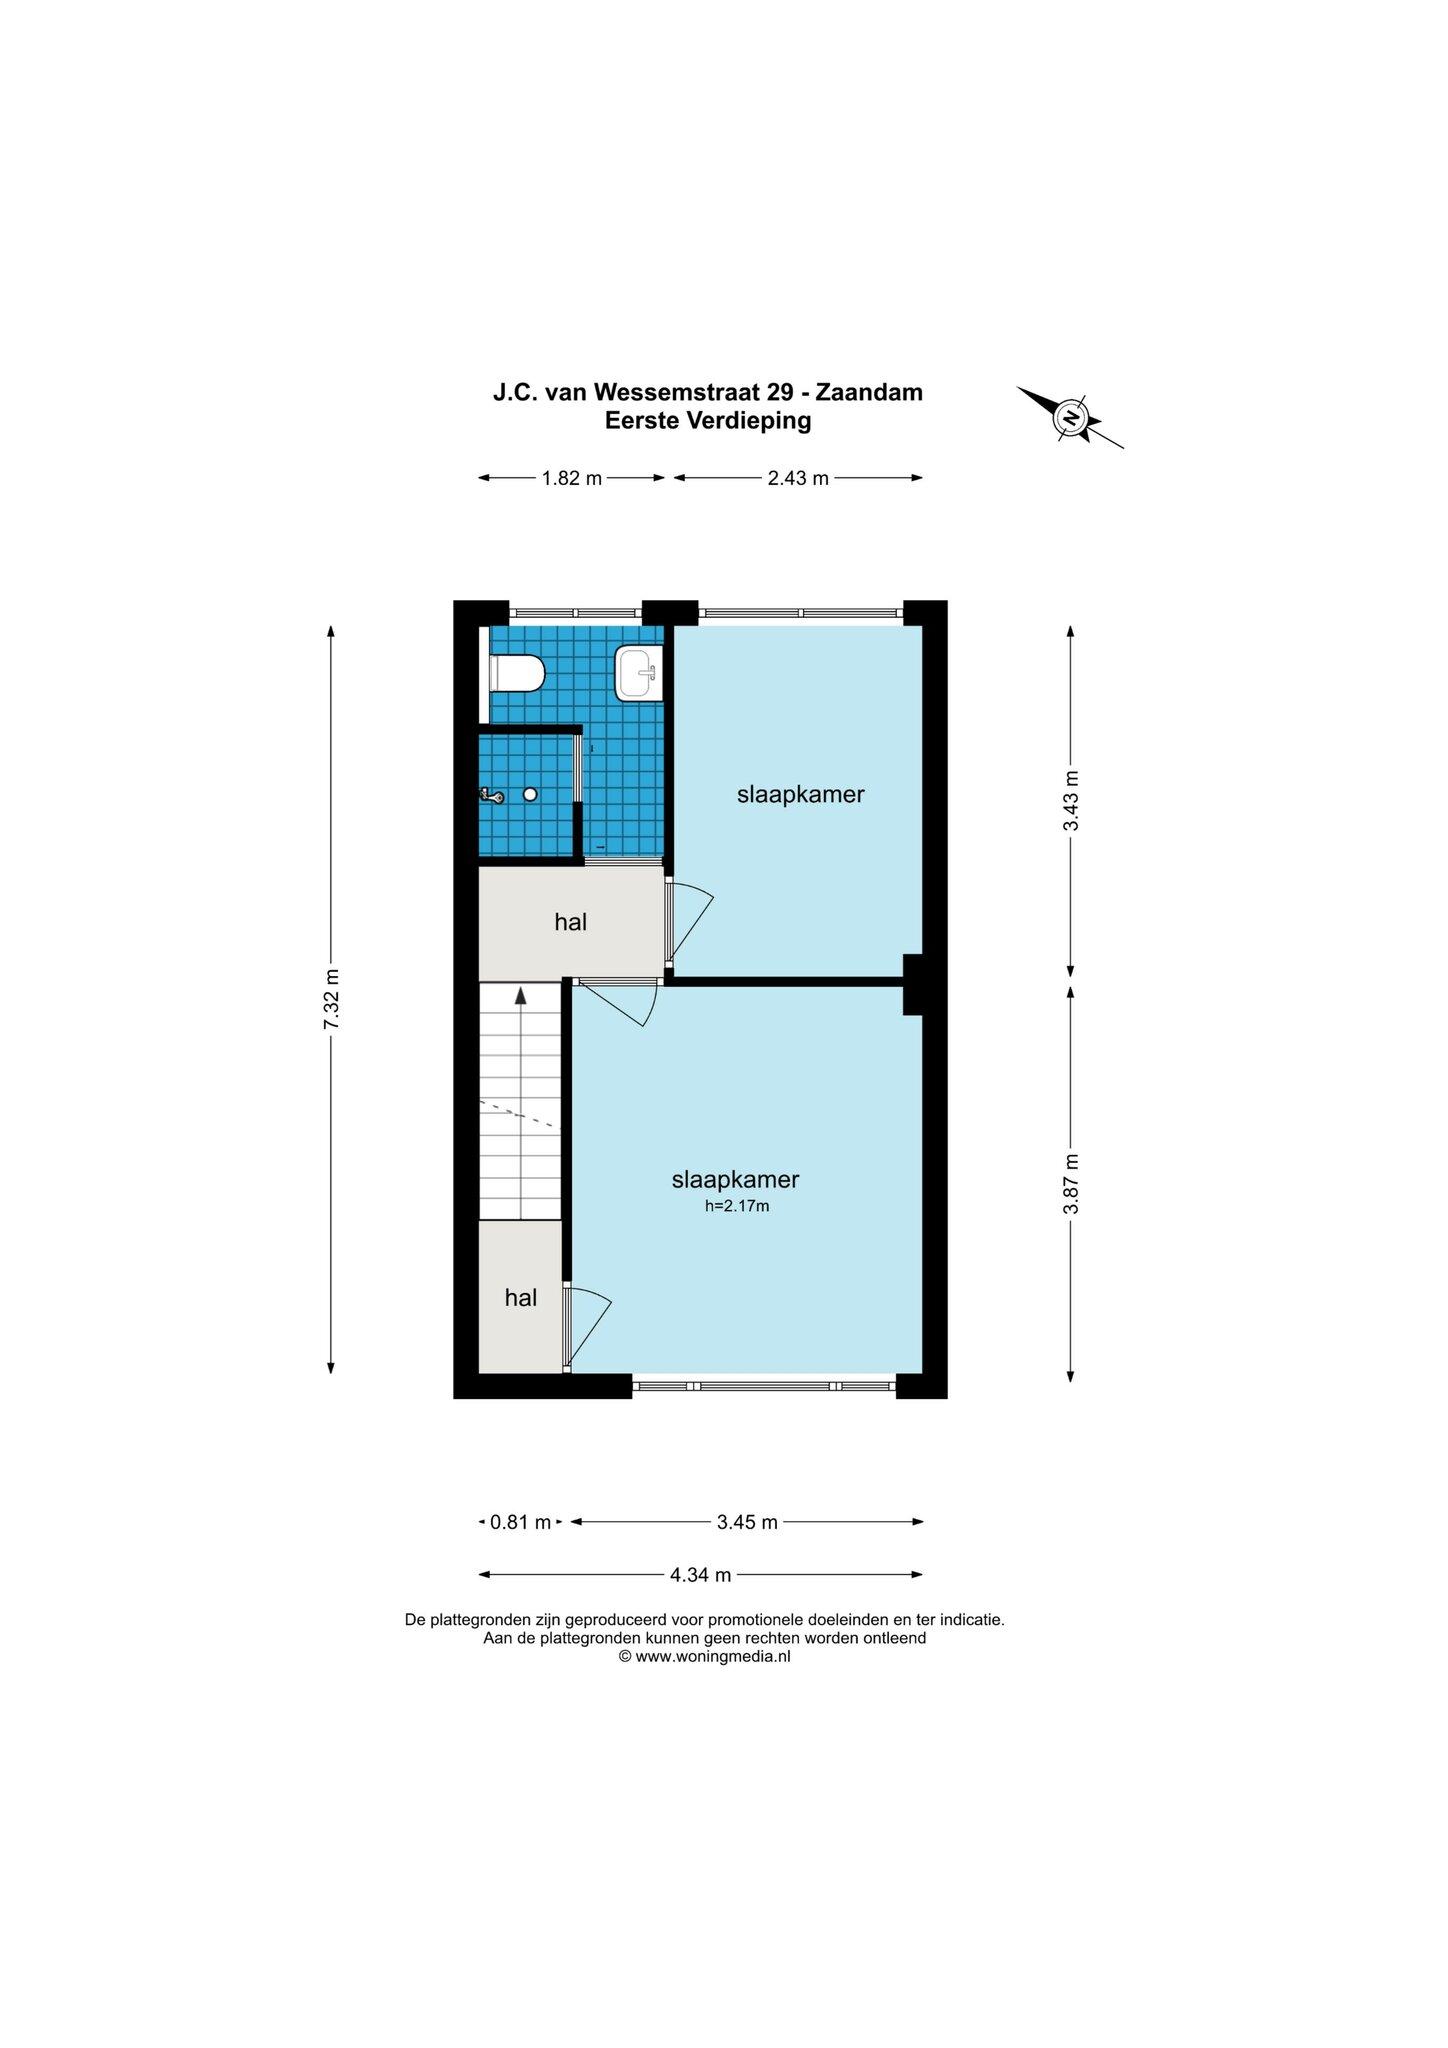 Zaandam – J.C. van Wessemstraat 29 – Plattegrond 7